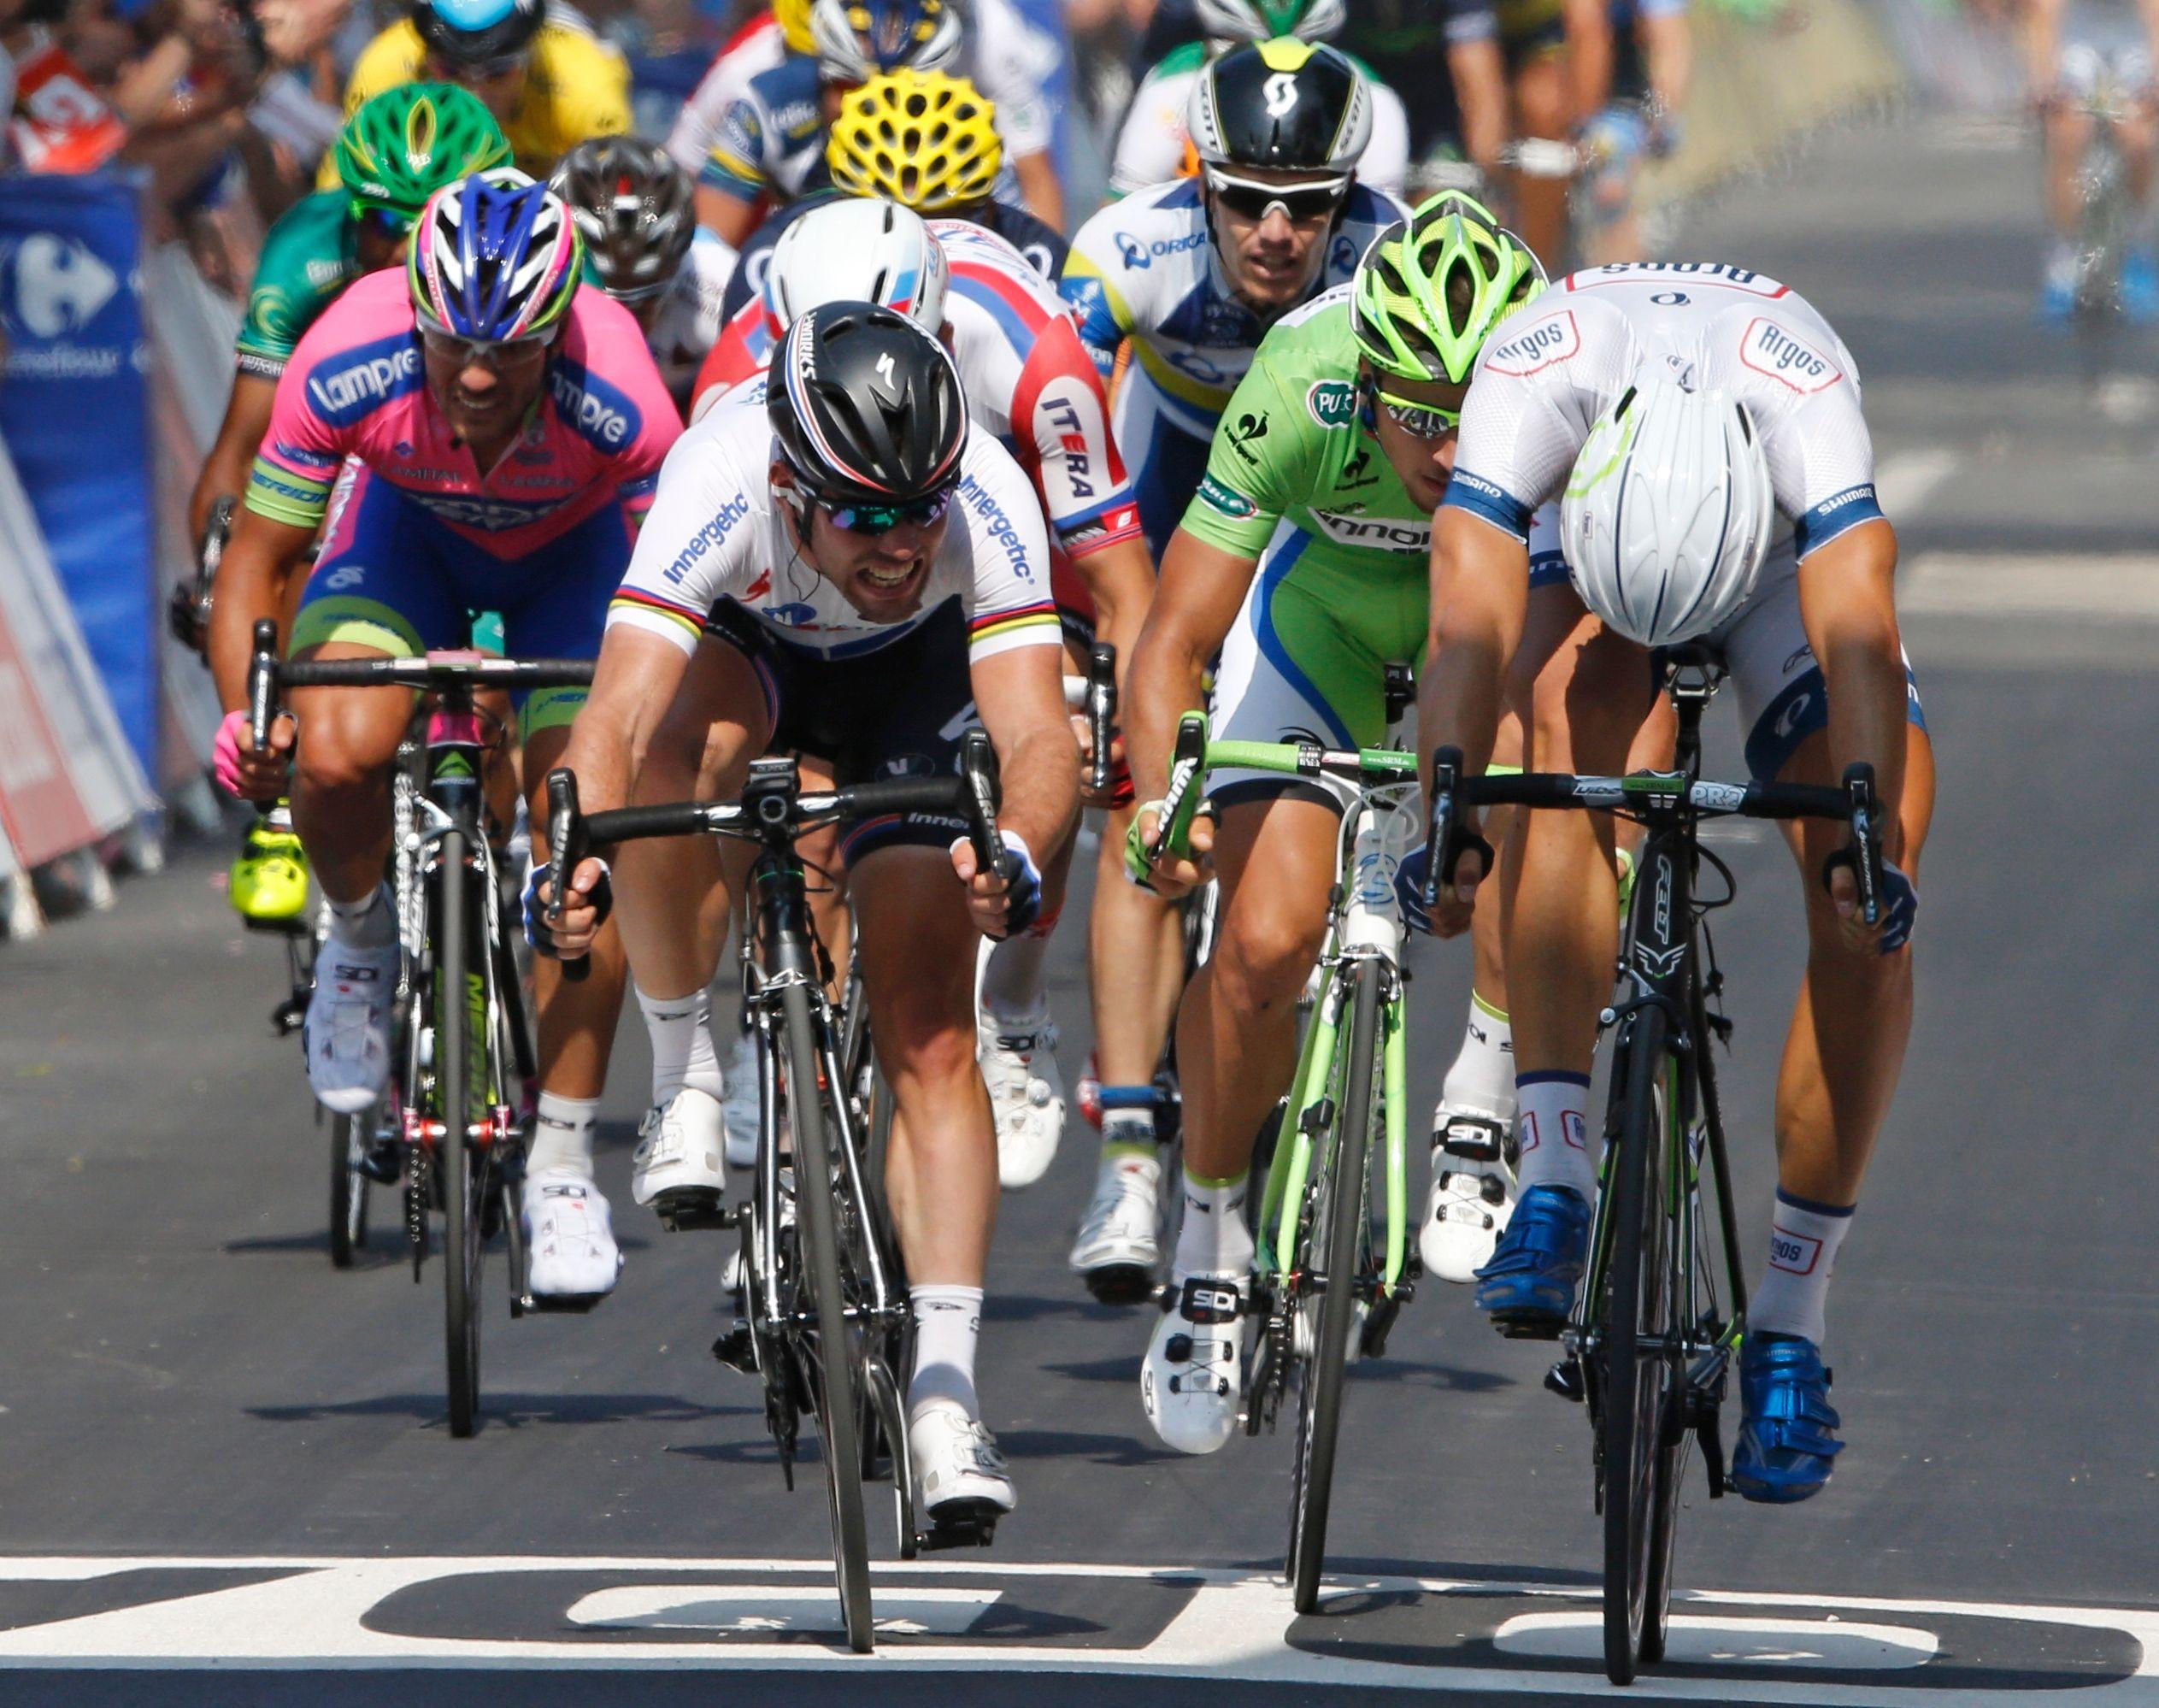 Les cyclistes français vivent en moyenne six ans de plus qu'un individu lambda